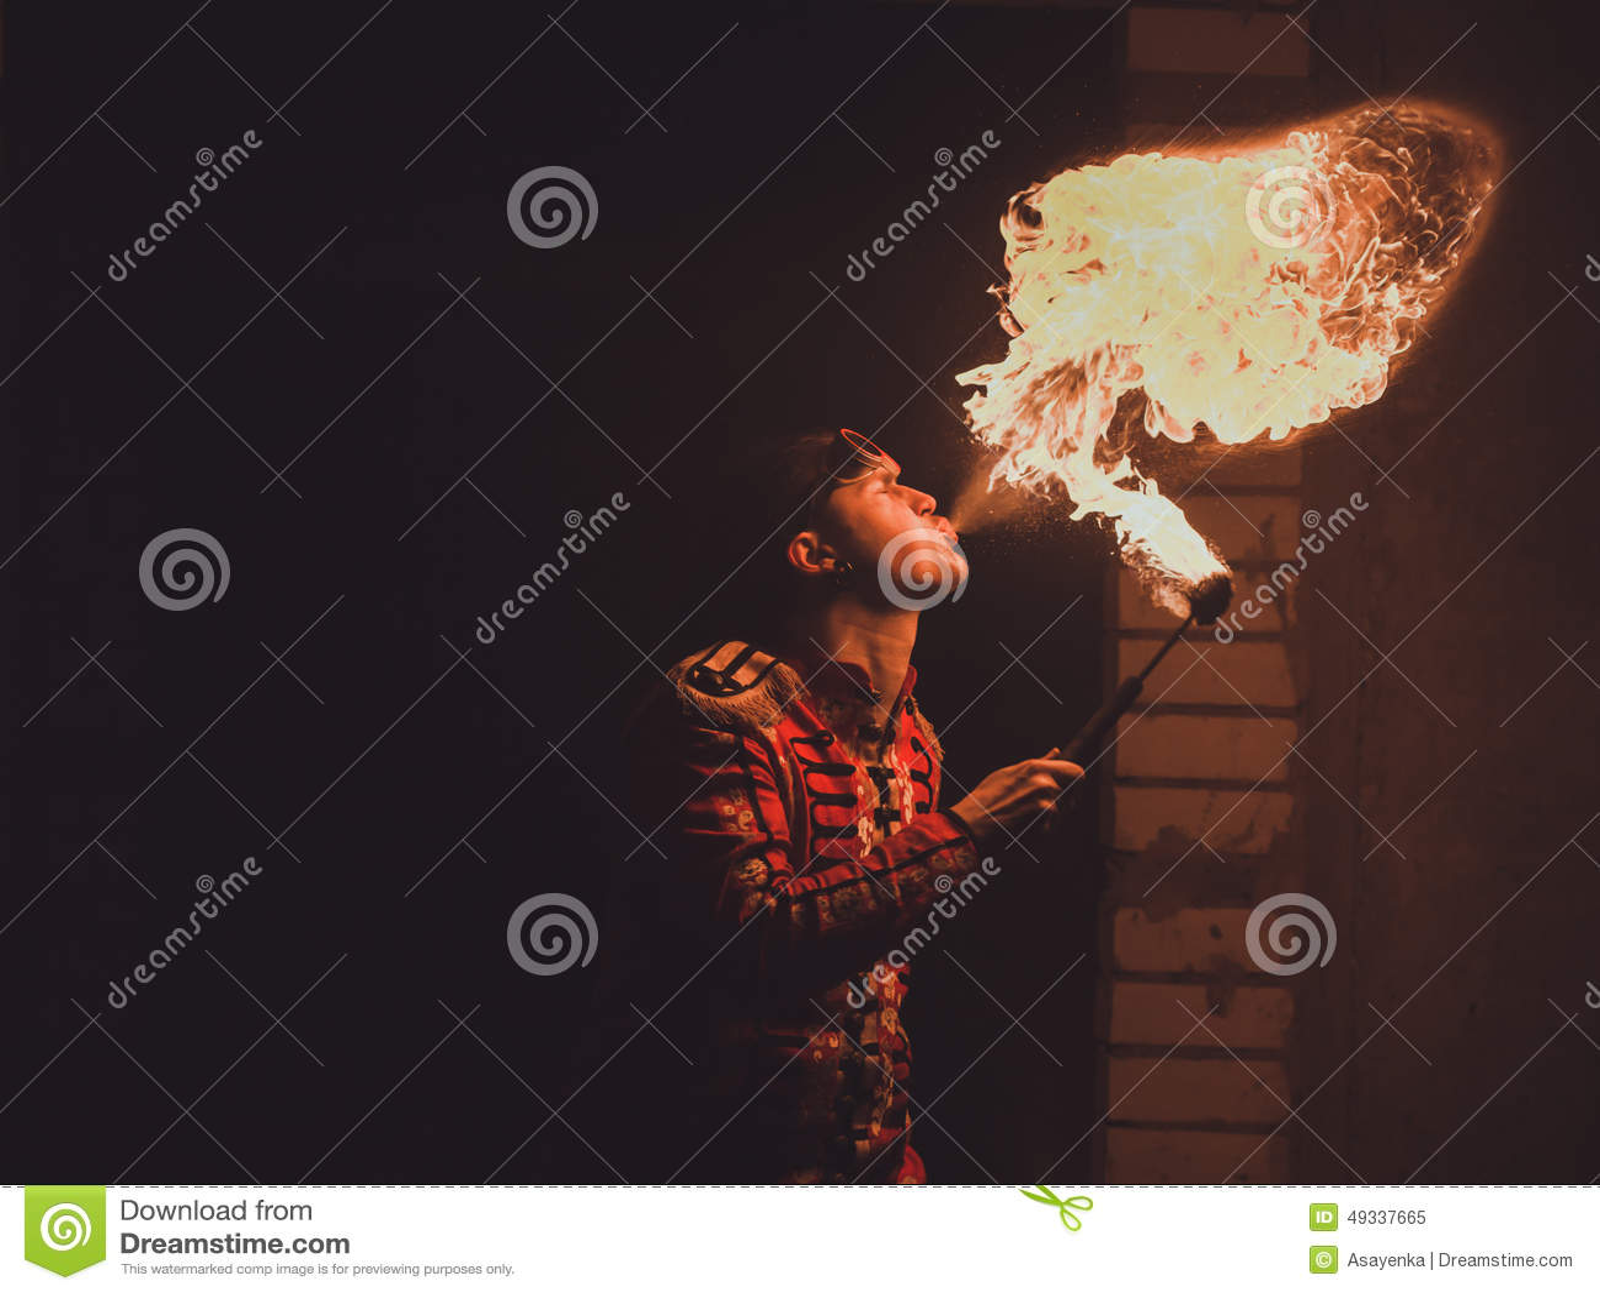 El artista de la demostración del fuego respira el fuego en la oscuridad